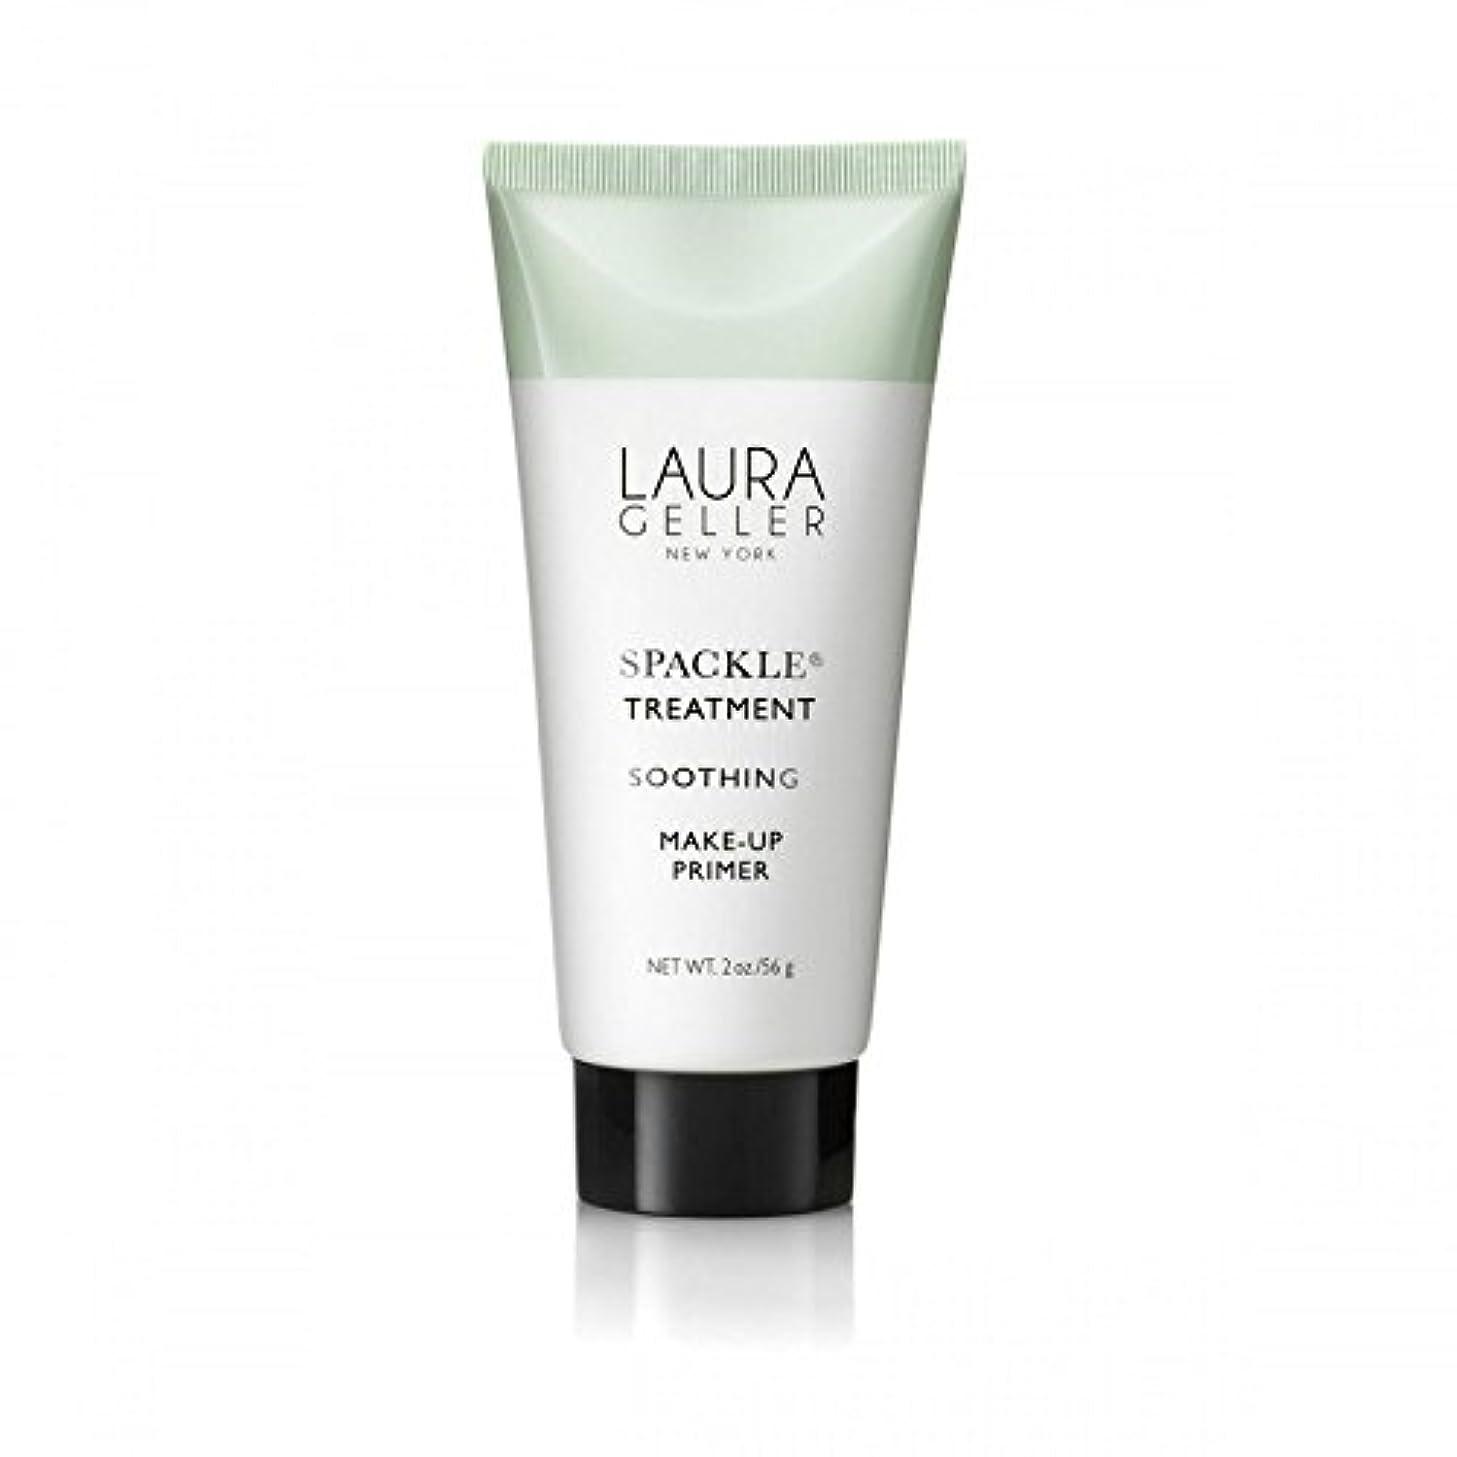 秋ピカソ誤解Laura Geller Spackle Treatment Under Make-Up Primer Soothing - メイクアッププライマー癒しの下のローラ・ゲラー 処理 [並行輸入品]